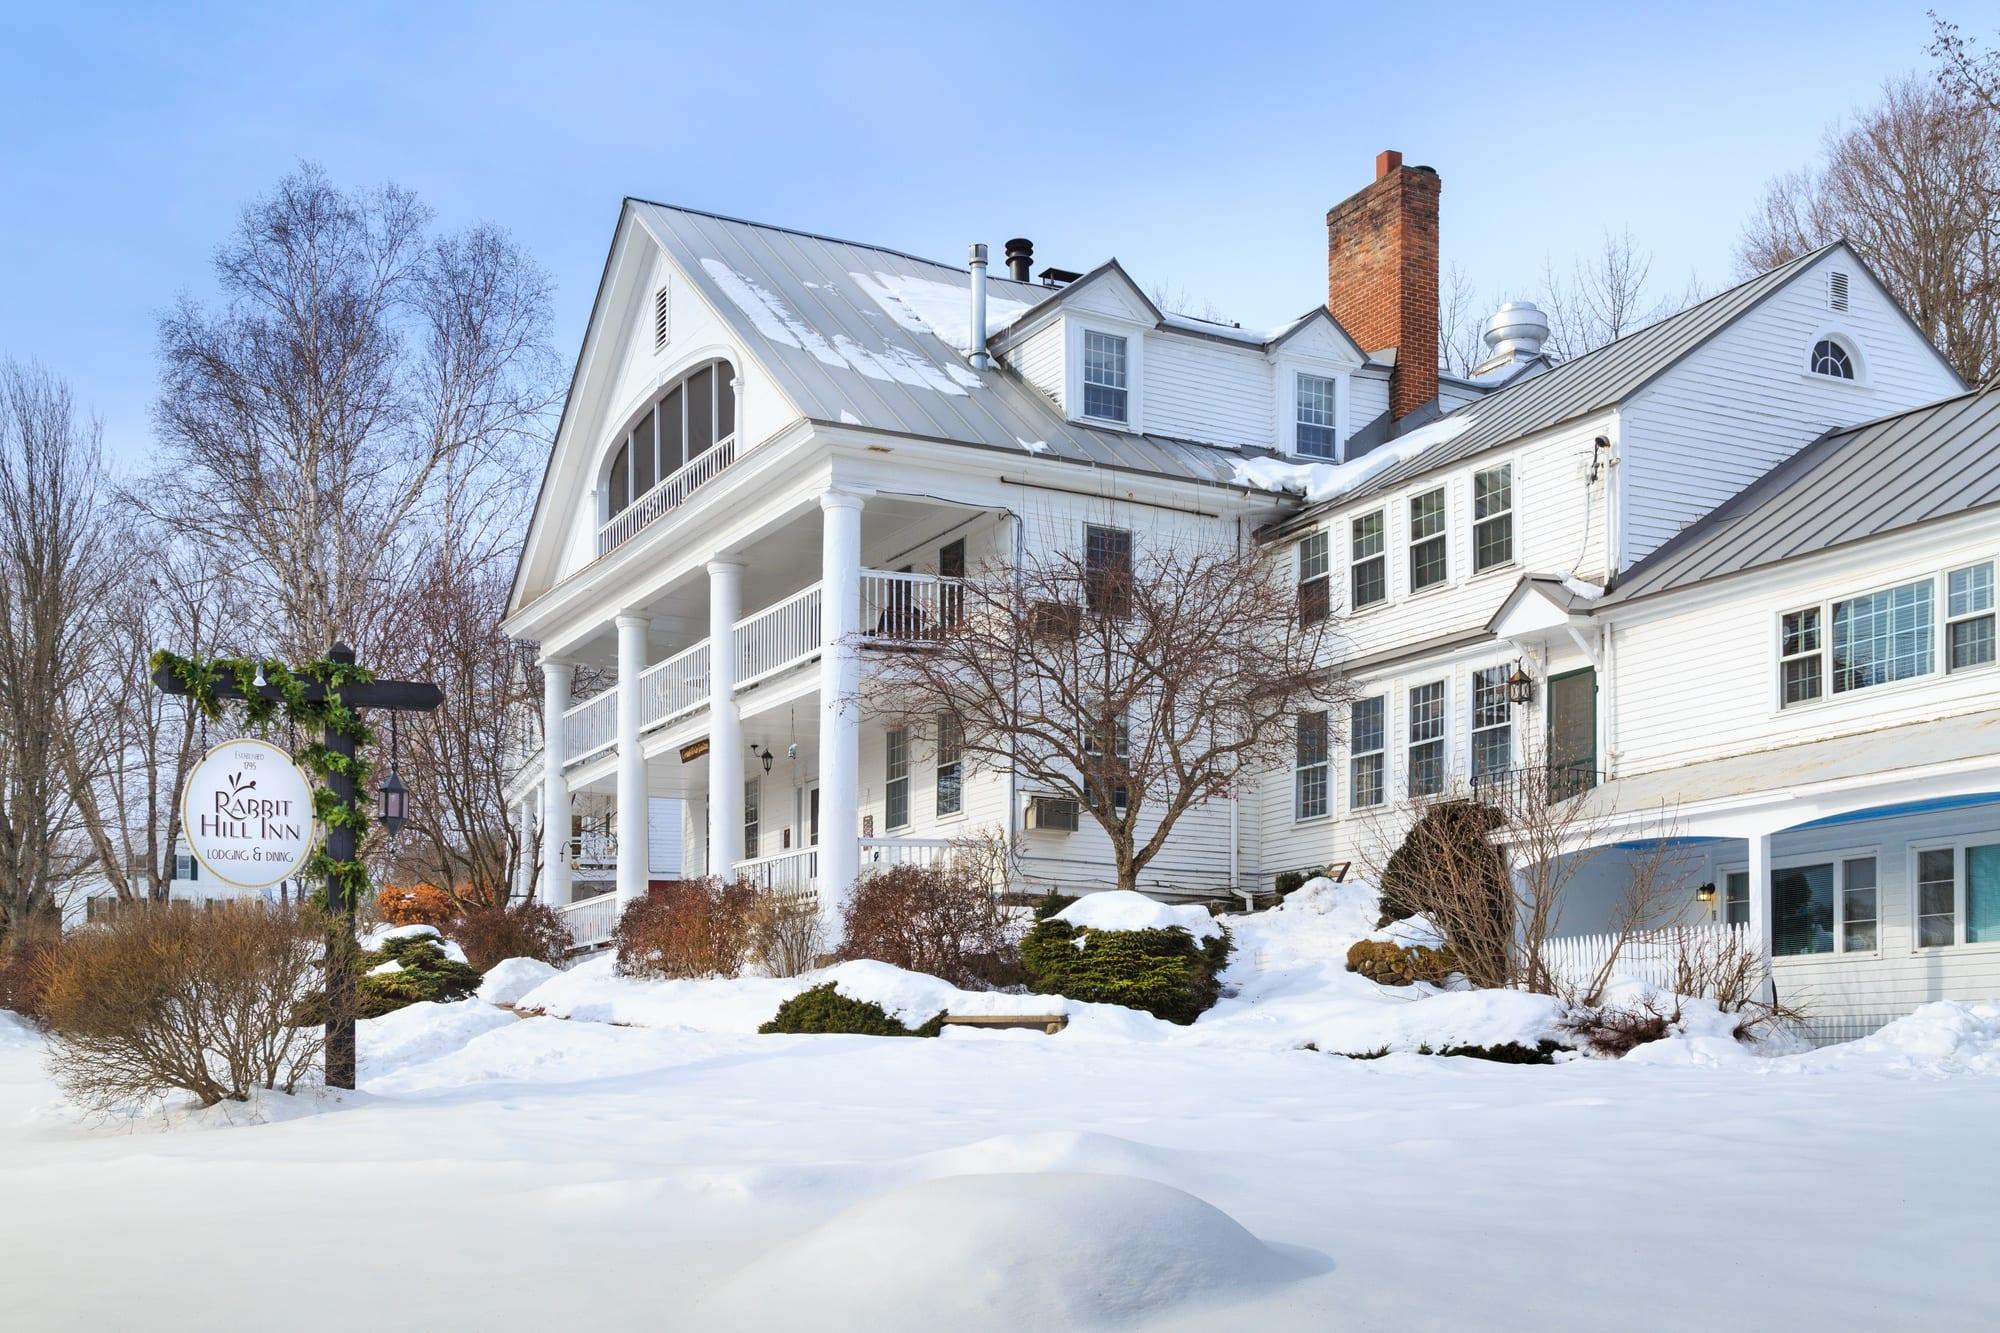 Rabbit Hill Inn Vermont